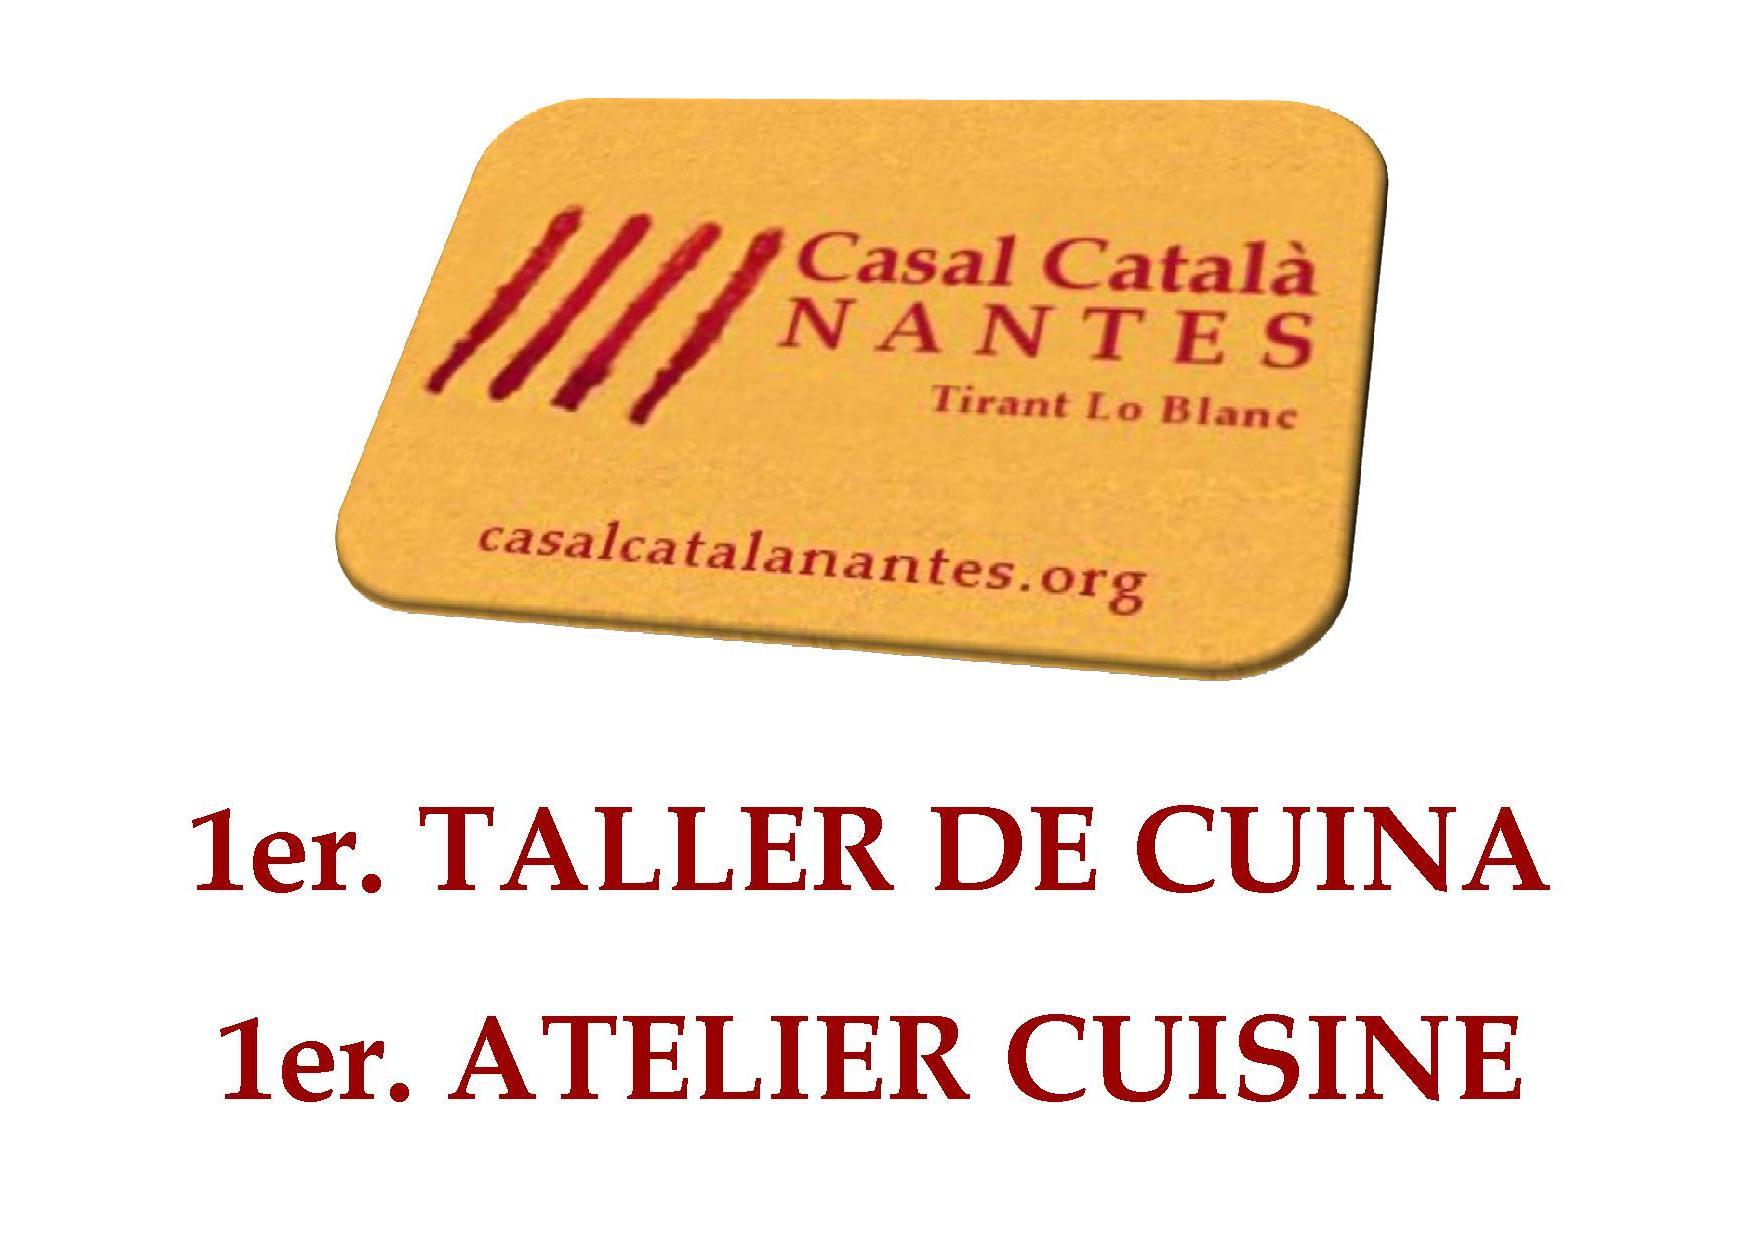 1er taller de cuina catalana